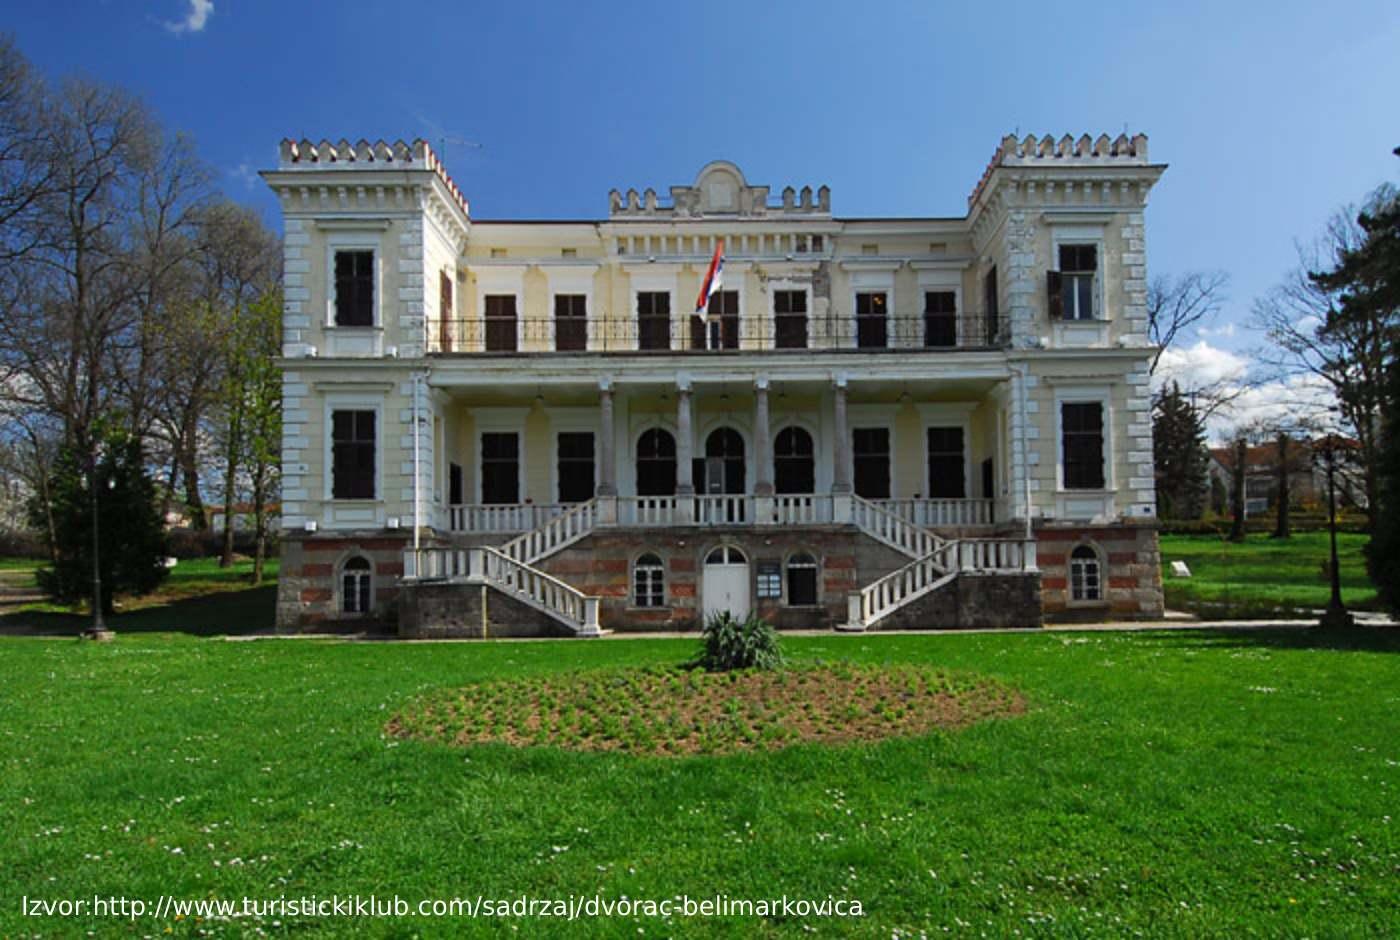 dvorac-belimarkovica